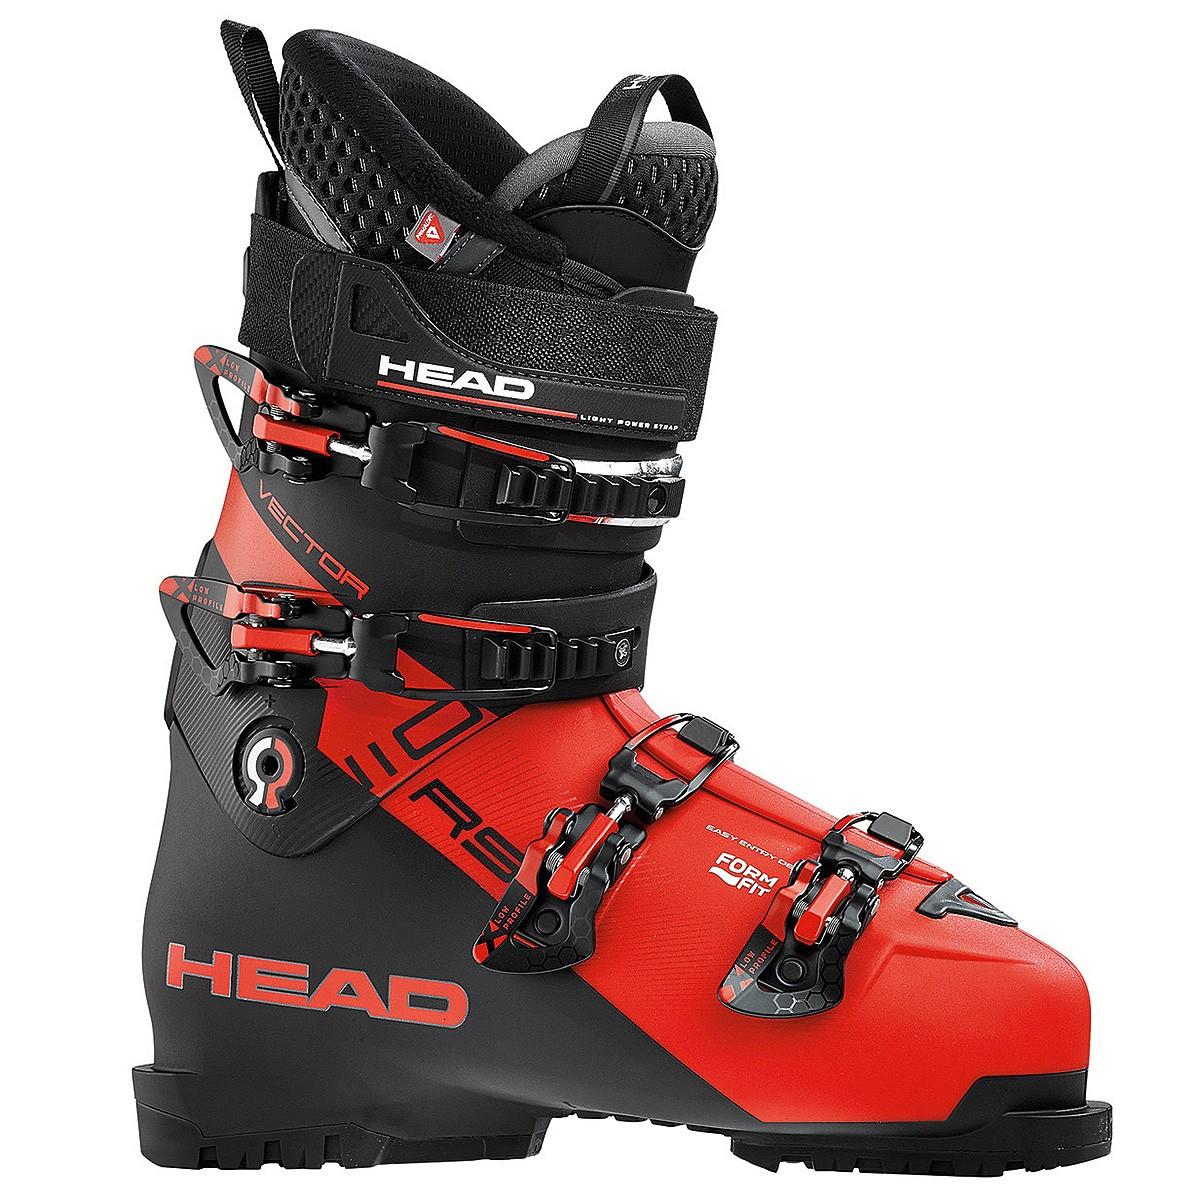 Scarponi sci Head Vector Rs 110 (Colore: rosso-nero, Taglia: 29)